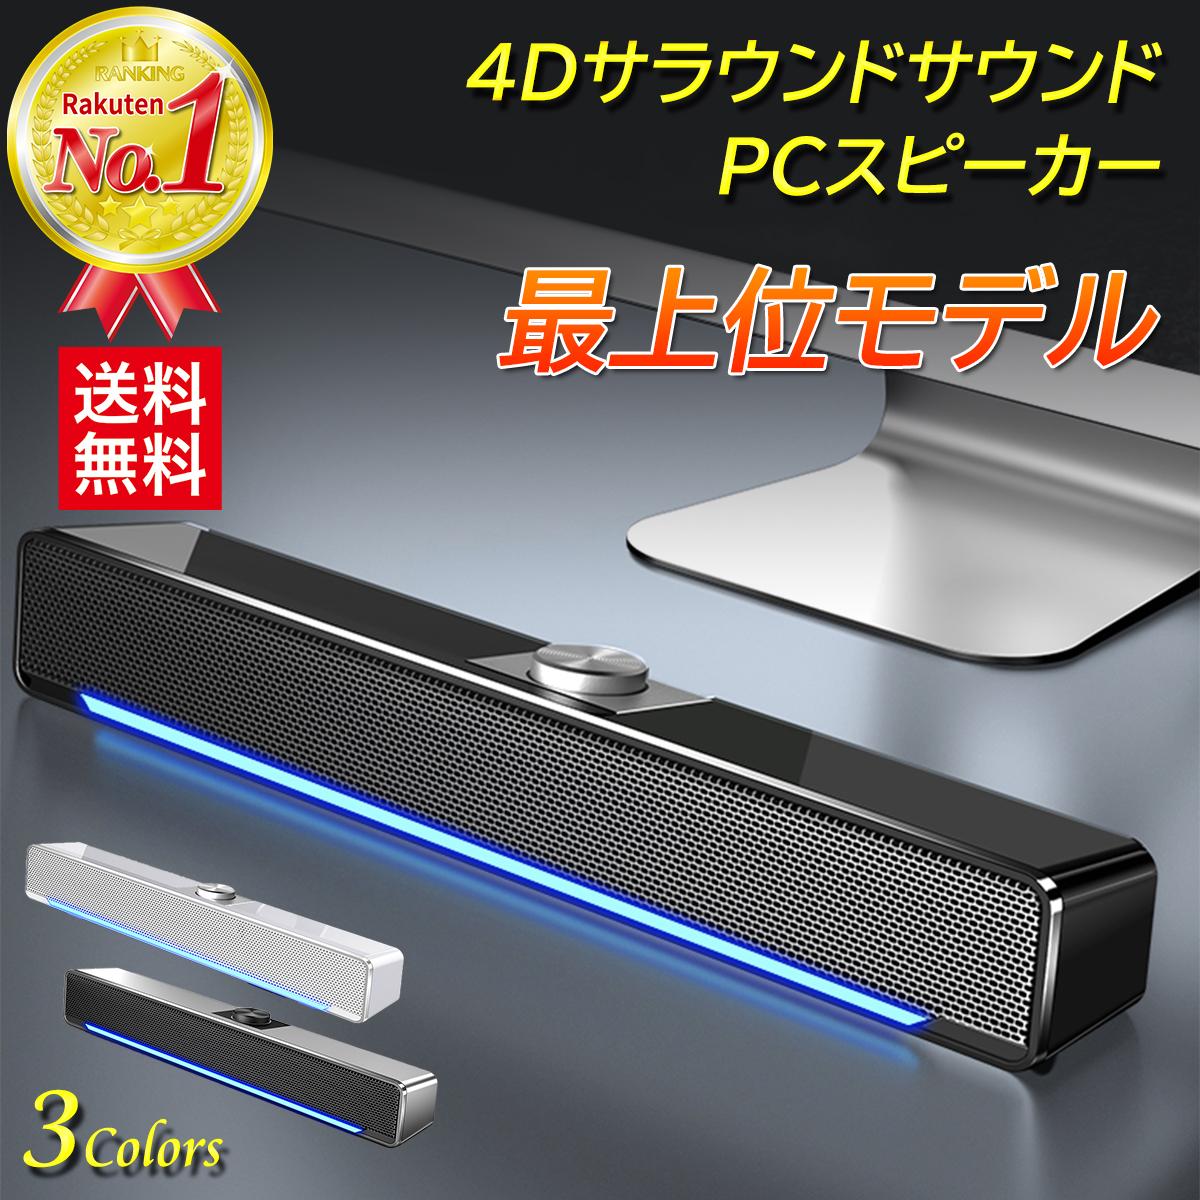 ランキングTOP10 PCスピーカー 最上位機種 高音質 USB2つのスピーカーと2つのダイヤフラムが大音量4Dサラウンドサウンドを実現 ランキング1位 スピーカー pc 即納 パソコン 4Dサラウンドサウンド サウンドバー テレビ パソコン用スピーカー speaker pcスピーカー 送料無料 USB